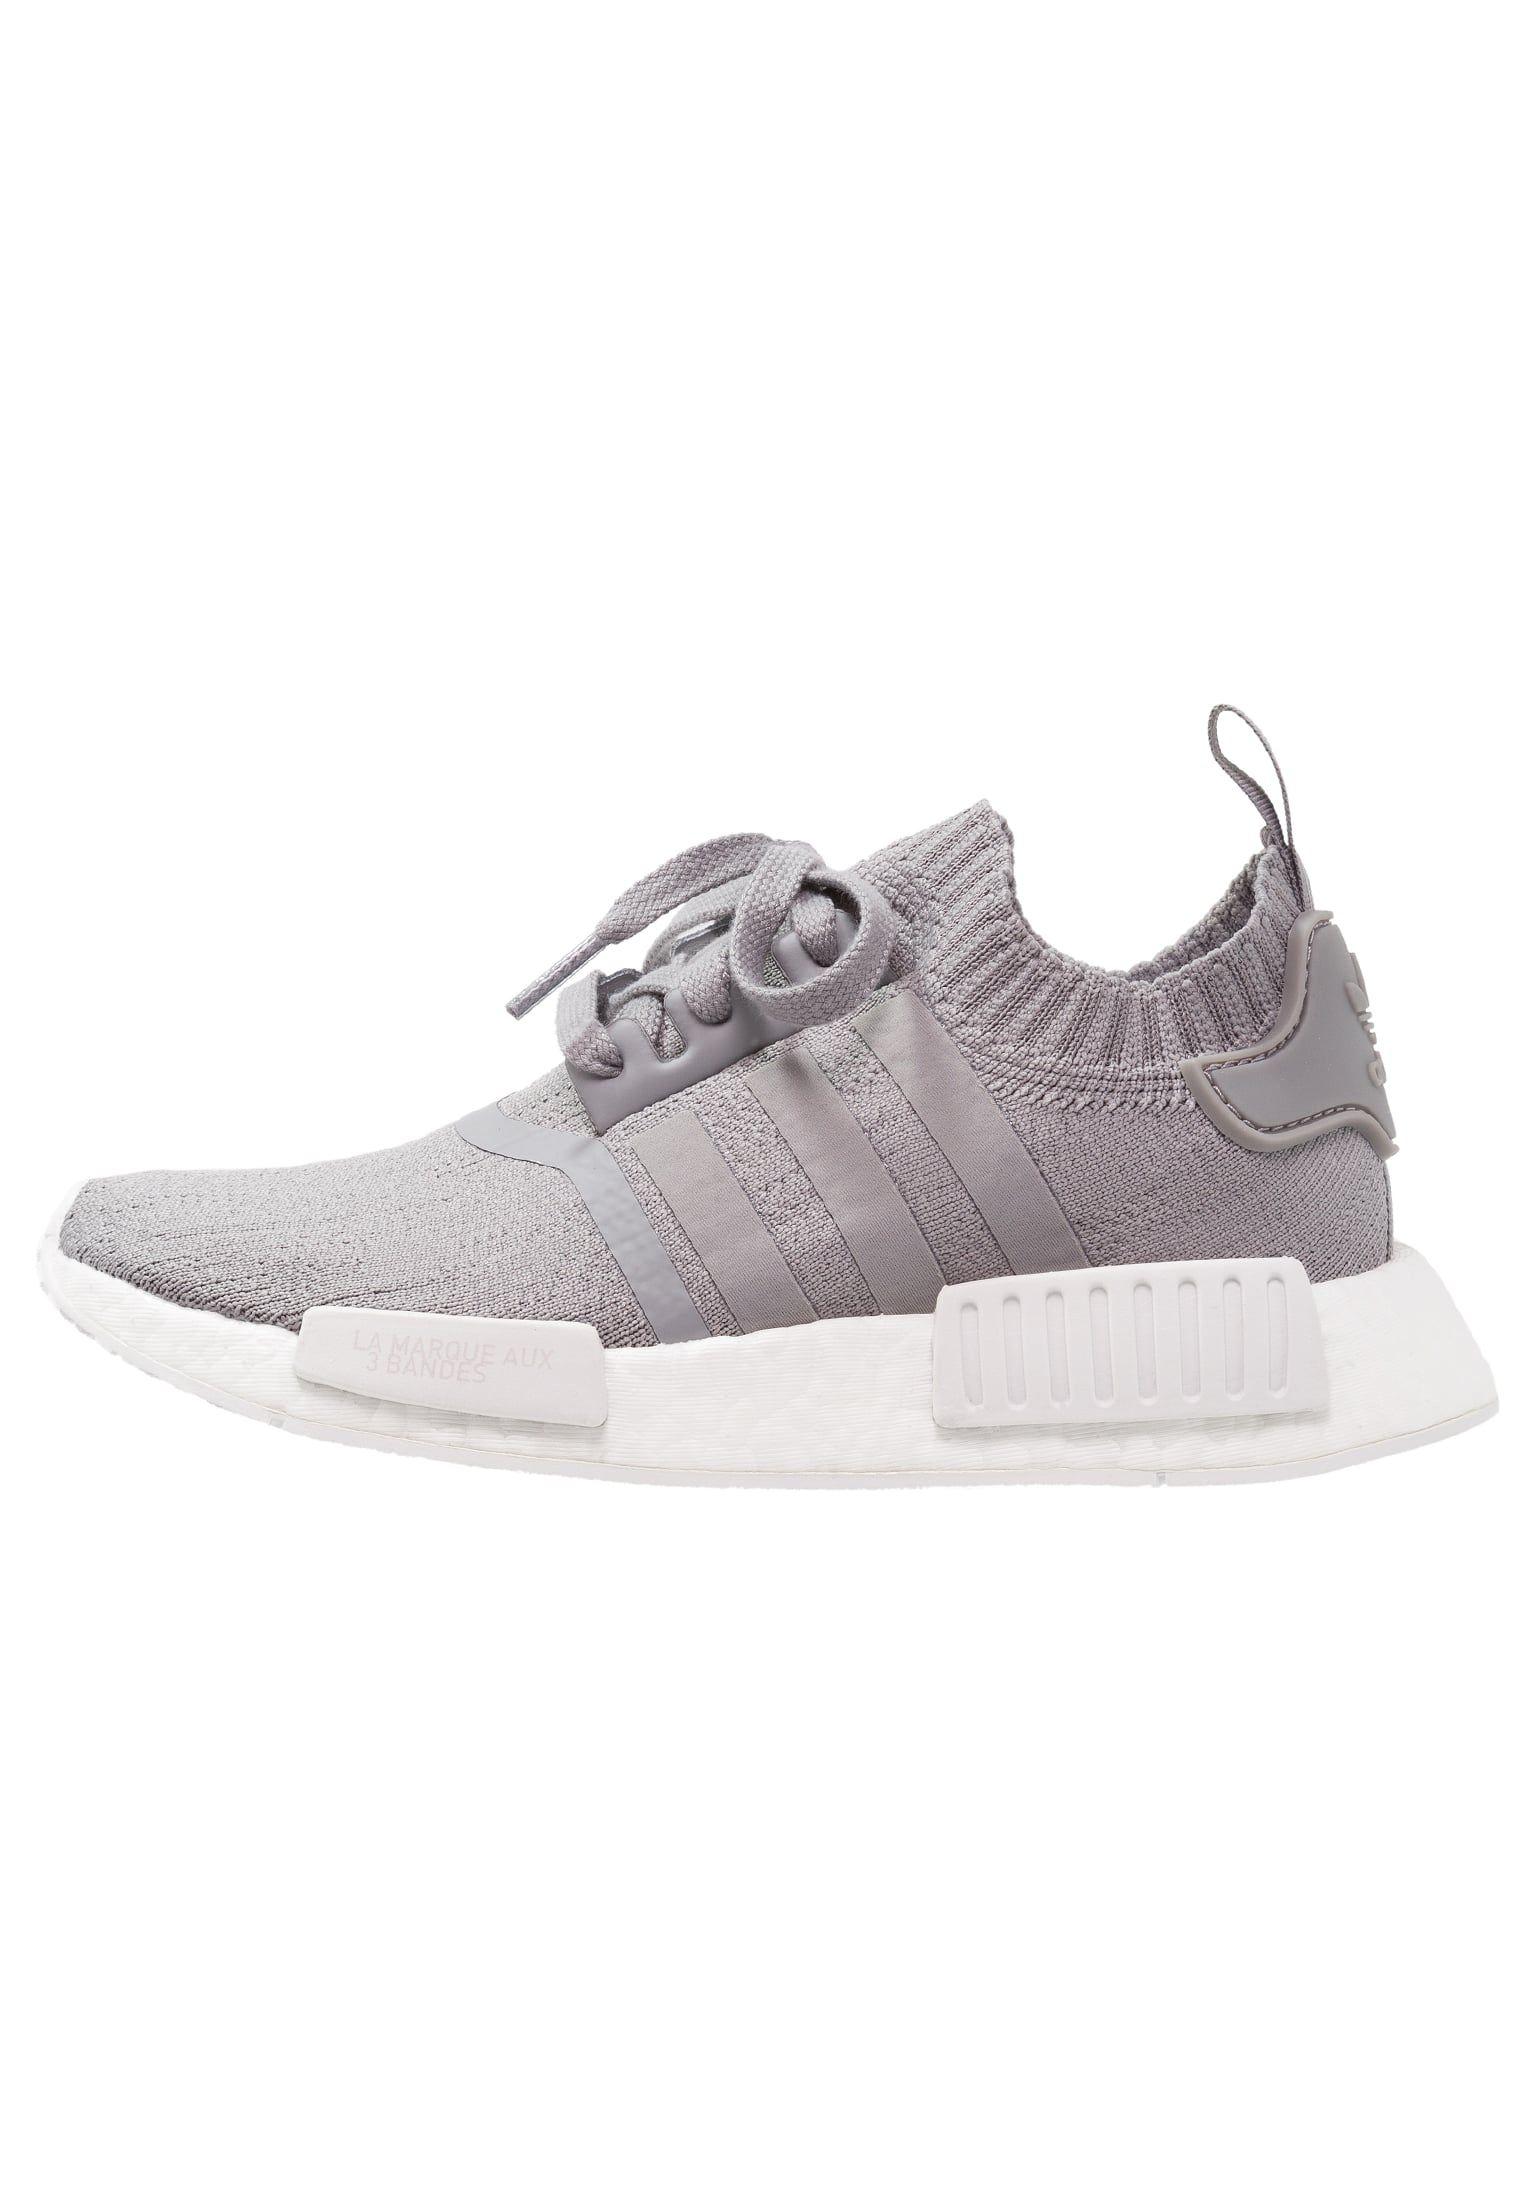 Nmd Originals Pk Grey Low Sneaker Adidas r1 ThunderSneakers CQrBoeWEdx